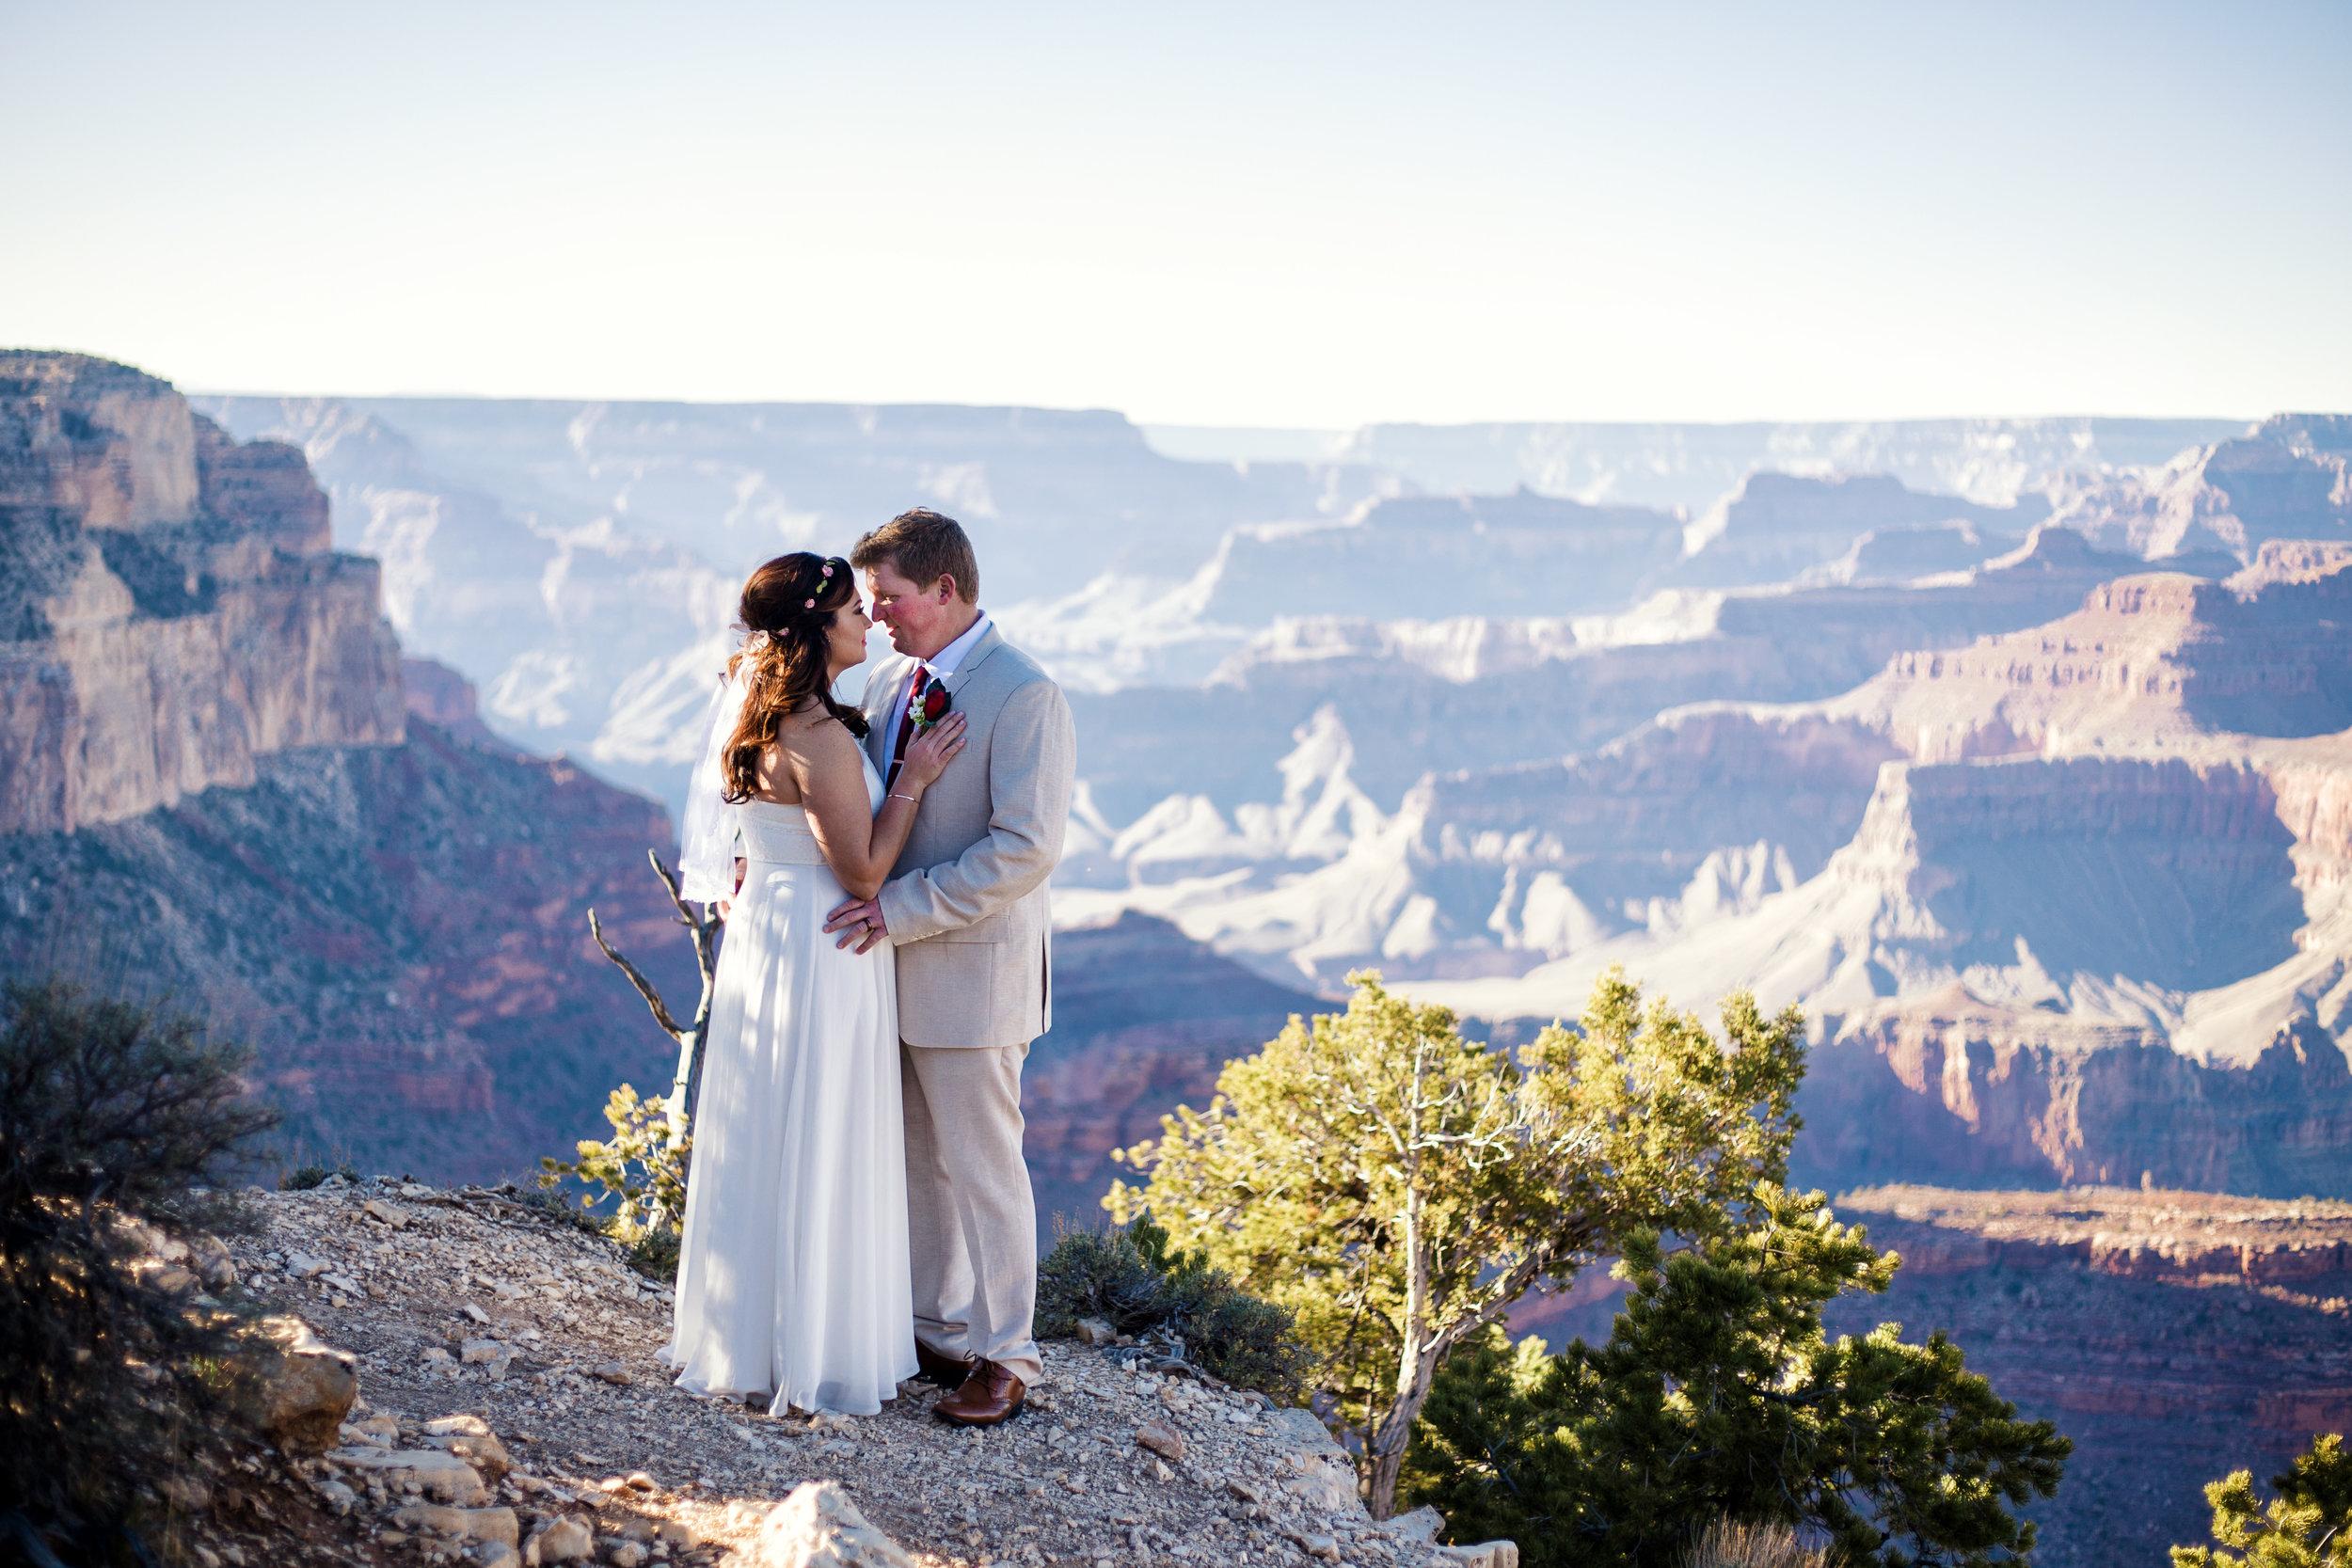 Winter wedding at Grand Canyon.